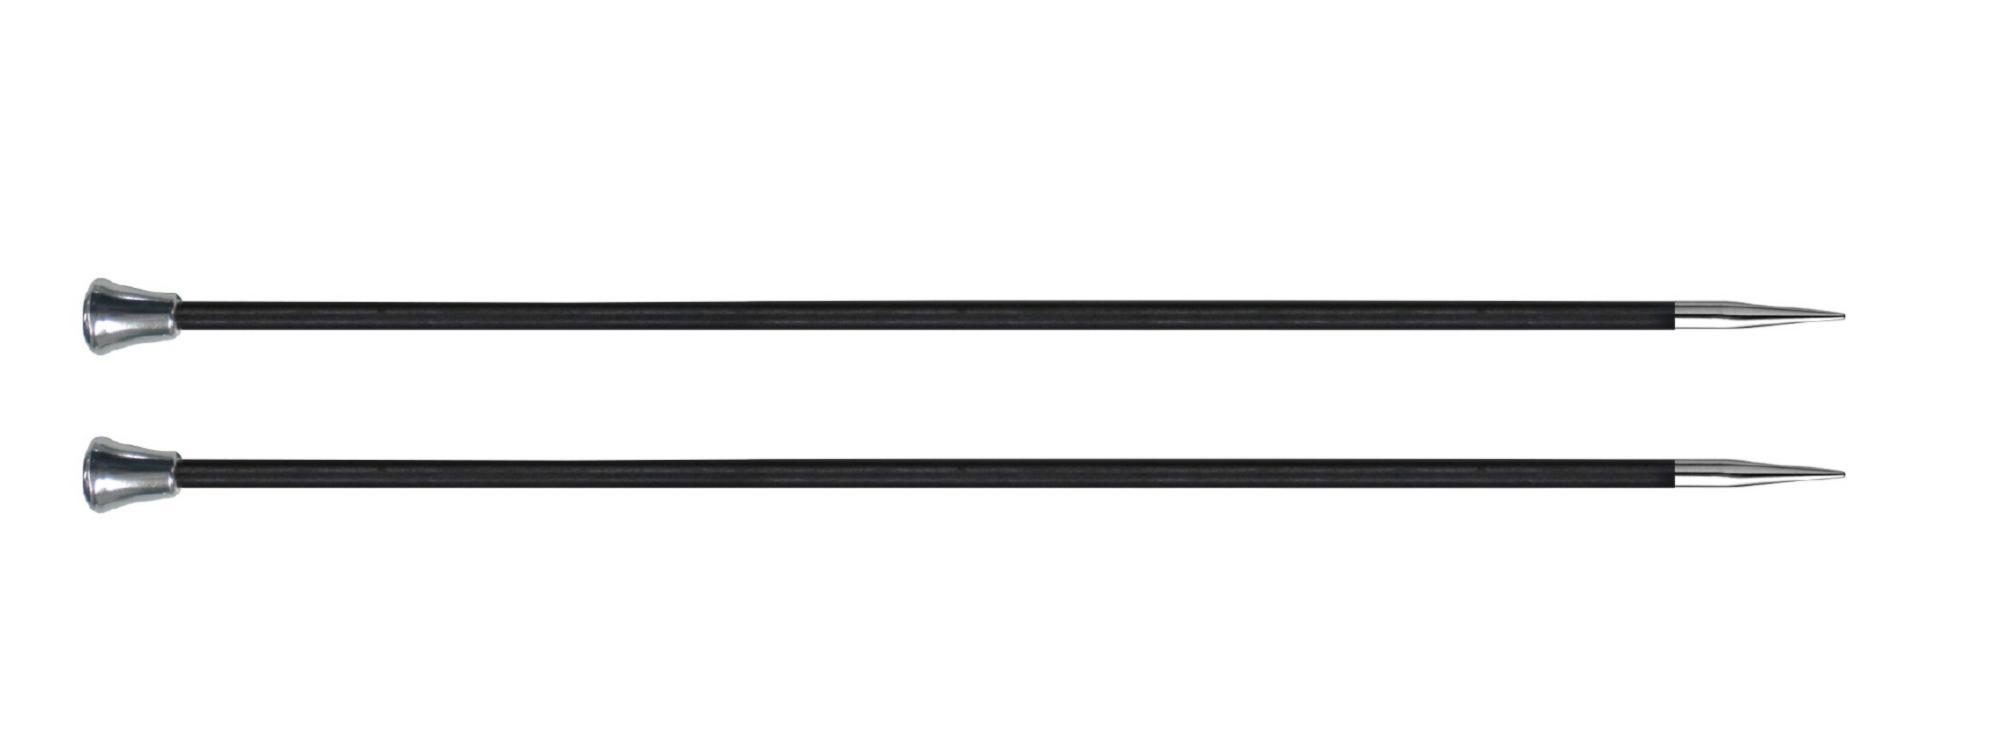 Спицы прямые 25 см Karbonz KnitPro, 41258, 4.00 мм